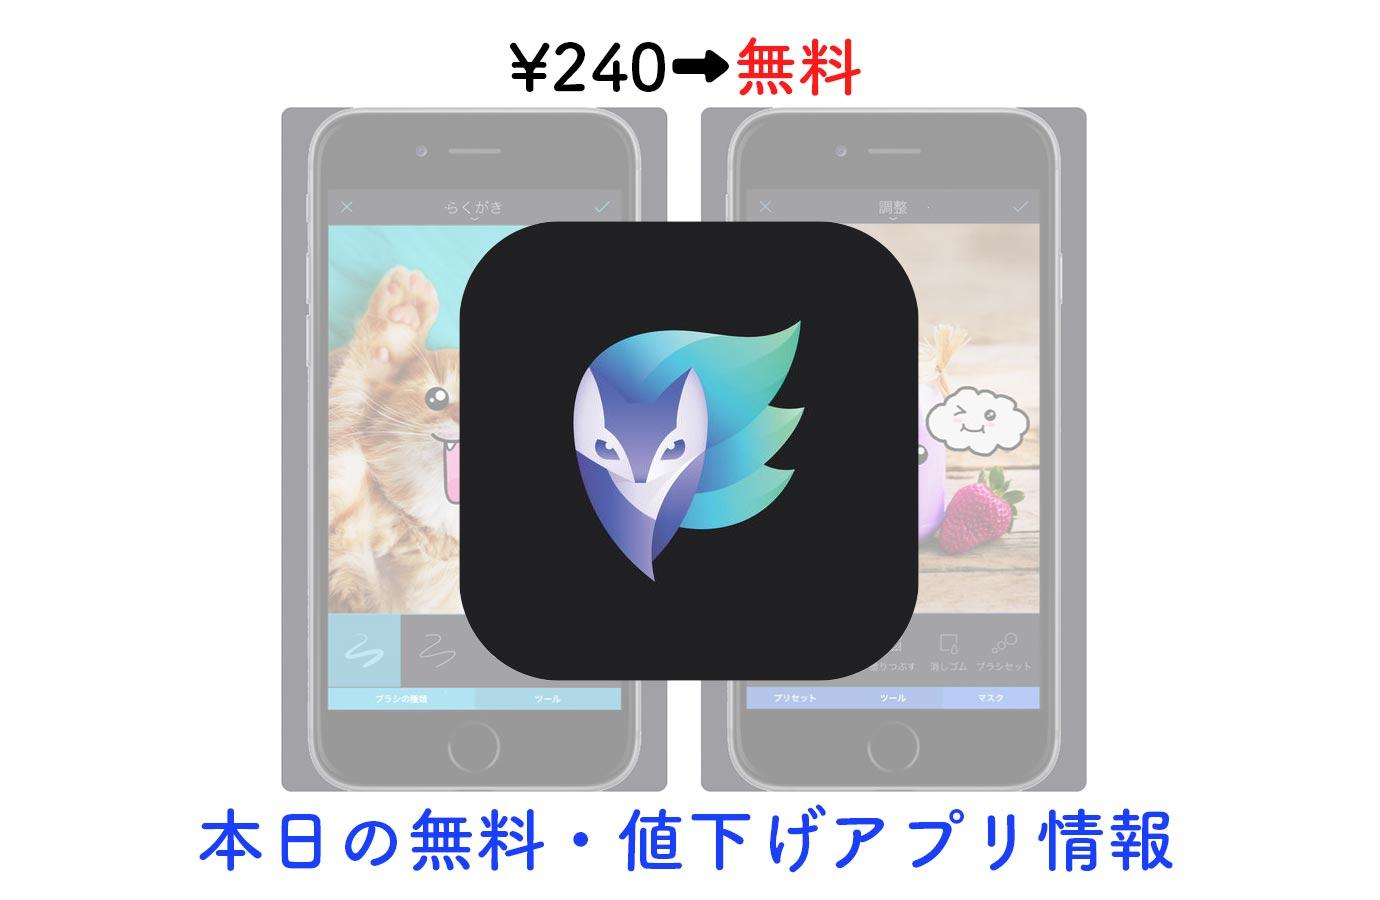 ¥240→無料、高機能写真編集アプリ「Enlight」など【2/22】本日の無料・値下げアプリ情報